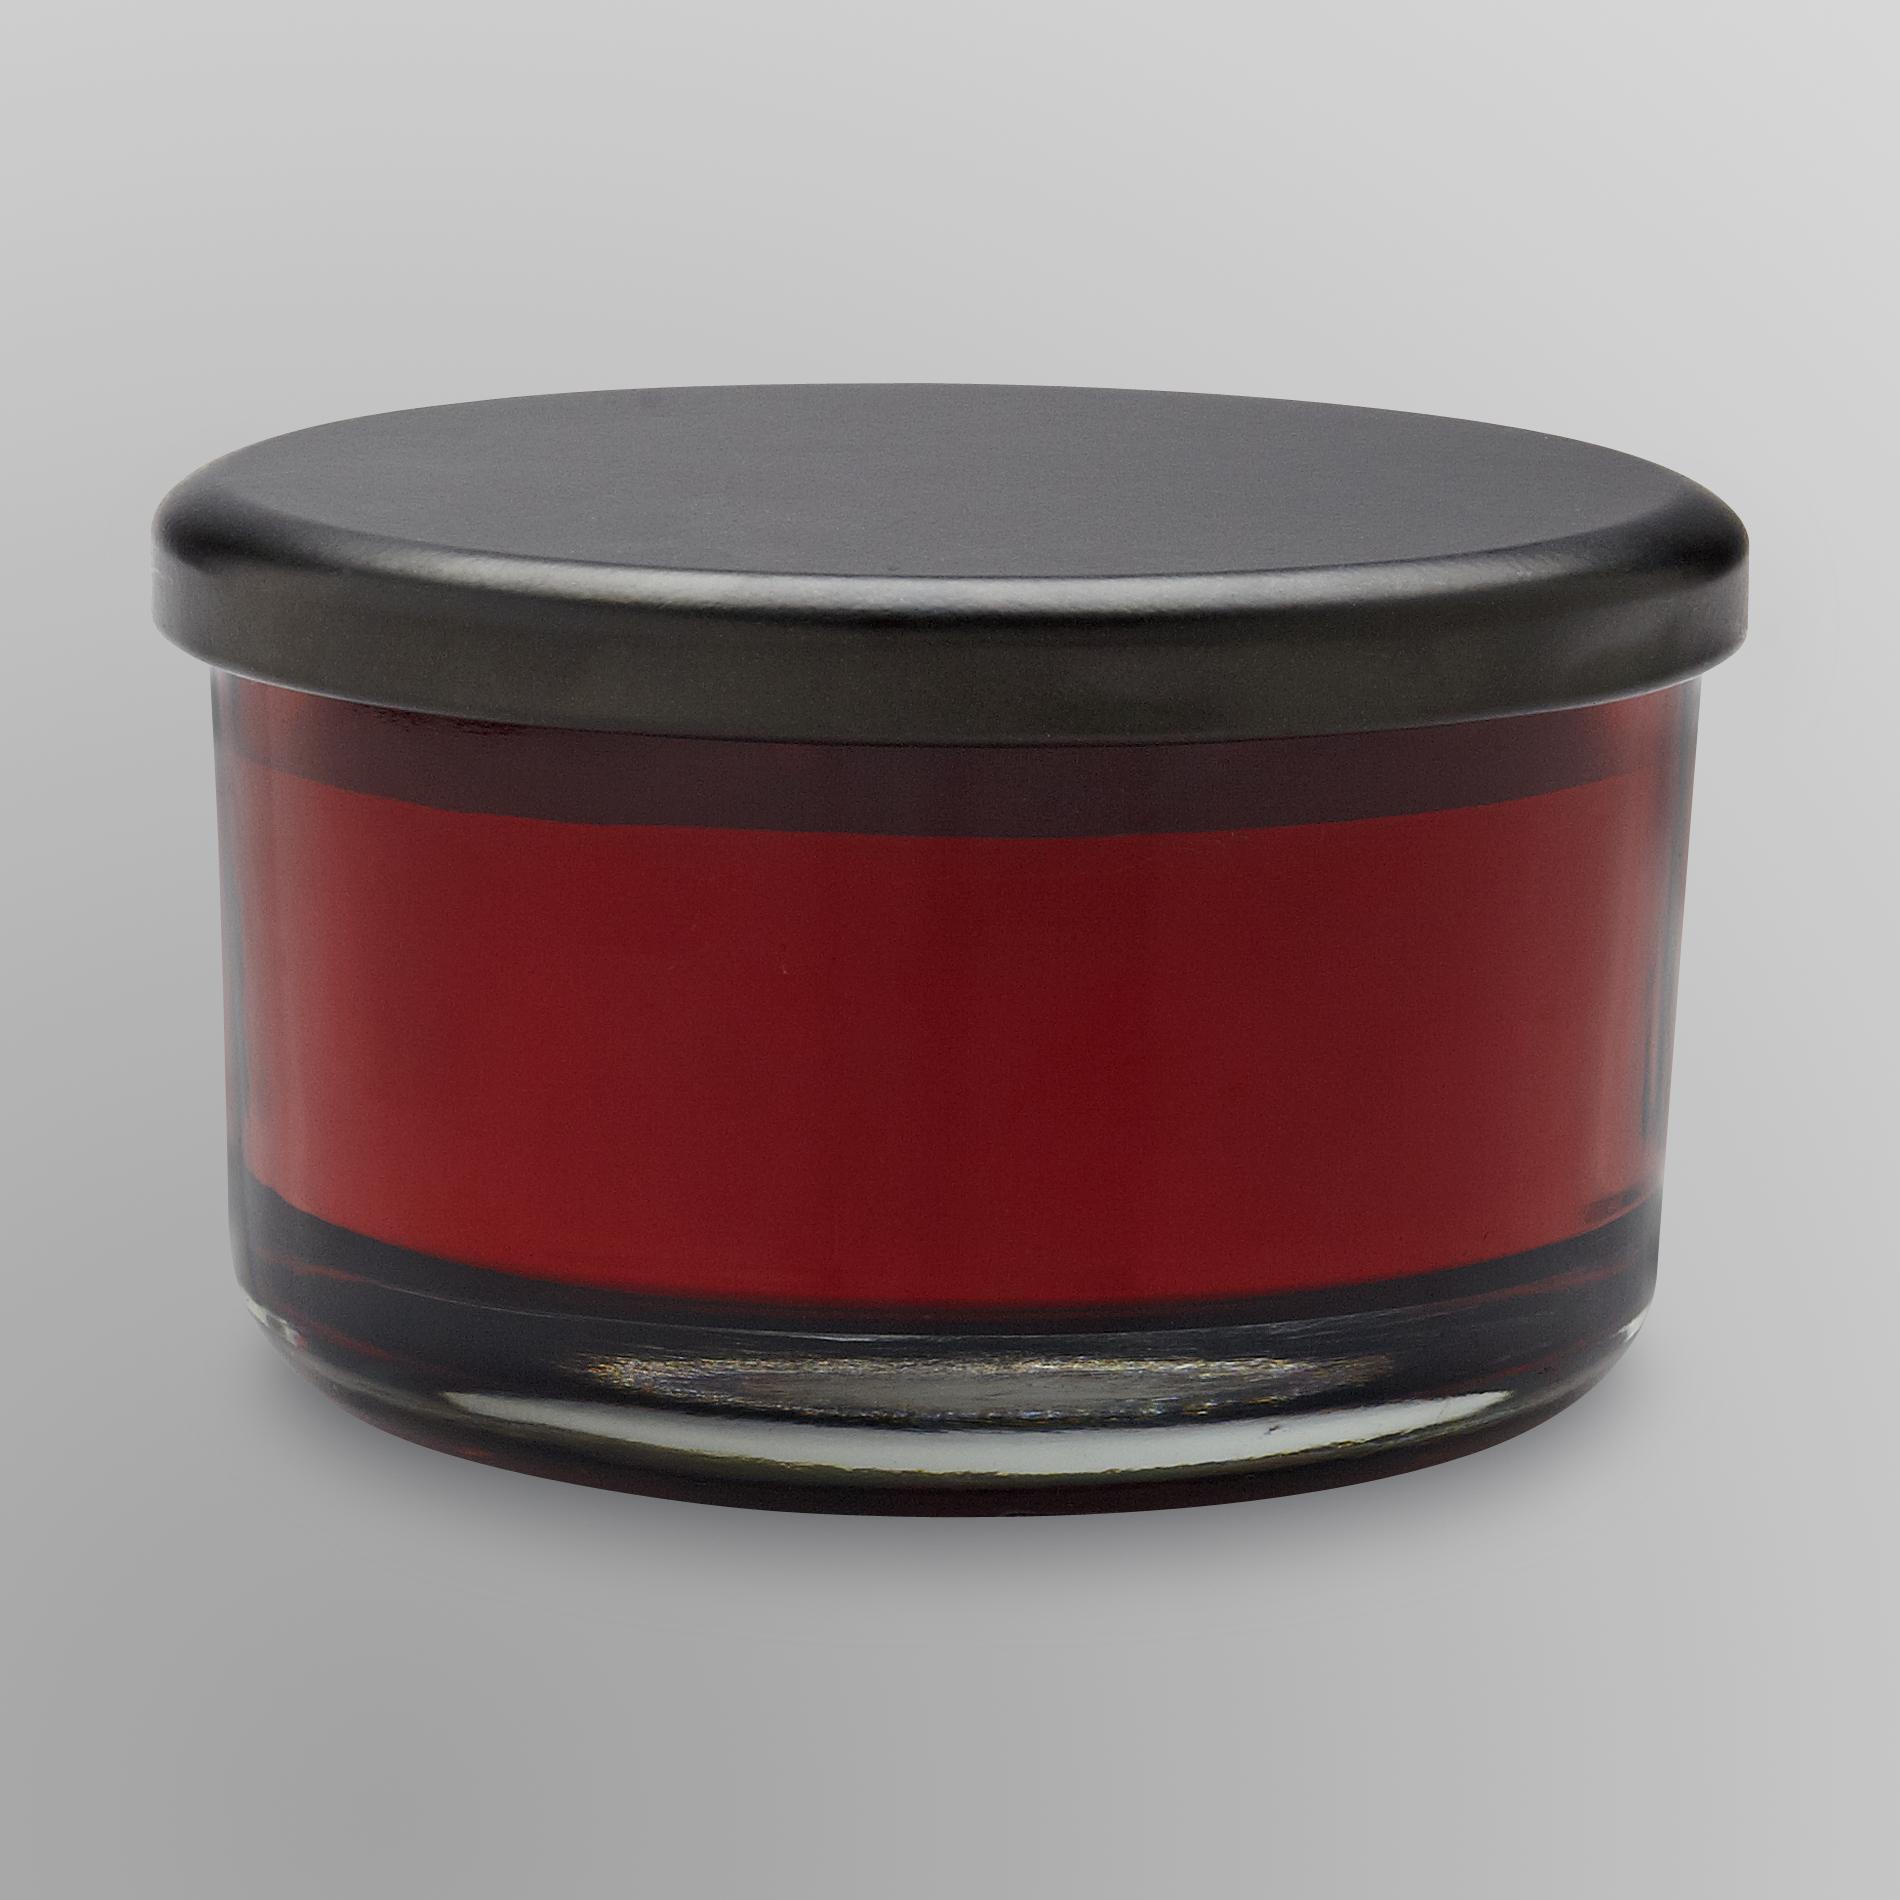 Sandra by Sandra Lee 3Wick Jar Candle Cinnamon Apple